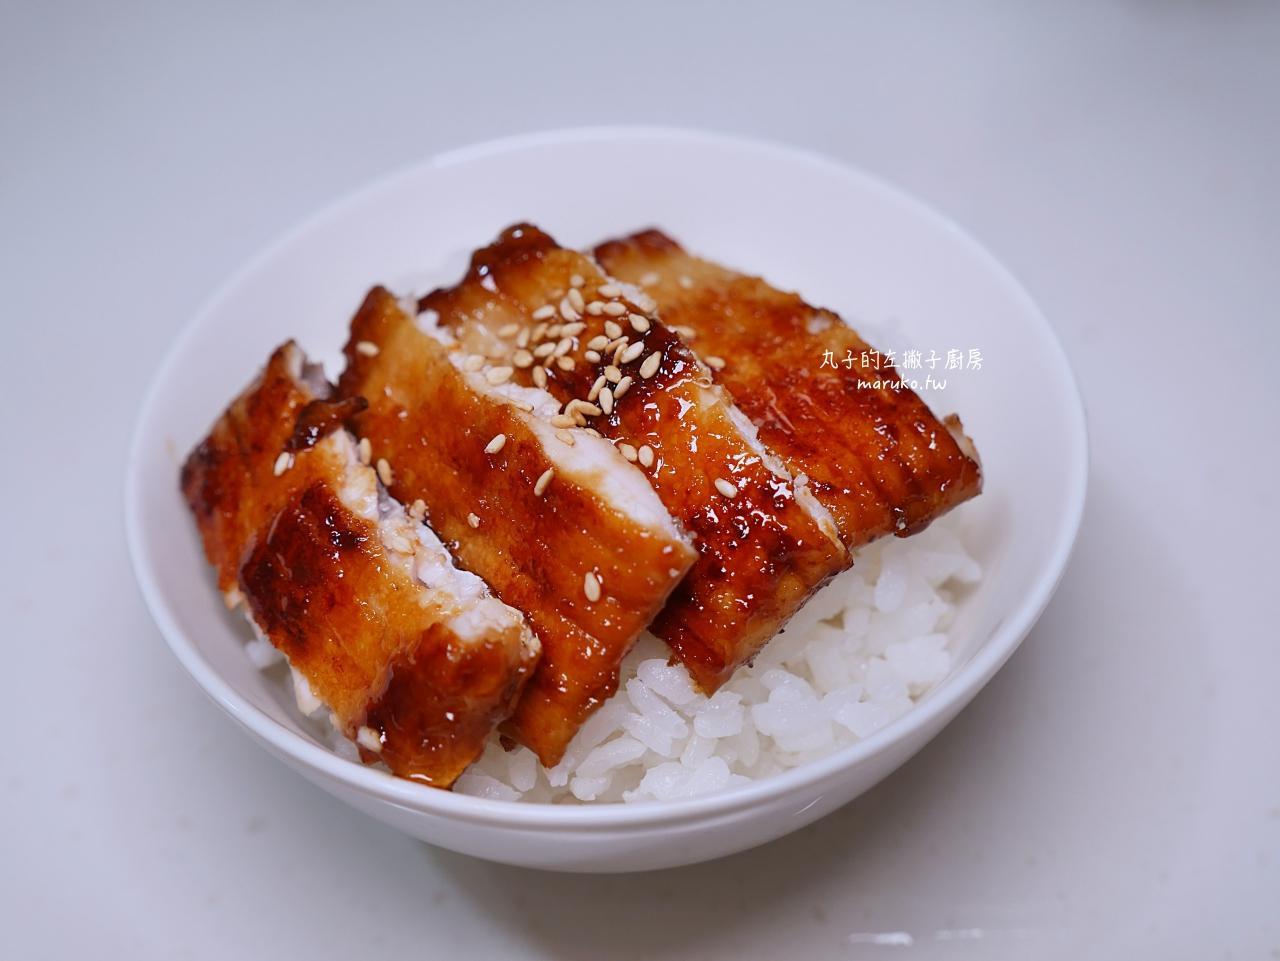 【食譜】蒲燒虱目魚 鰻魚蒲燒醬汁 四種簡單食材 輕鬆入味 @Maruko與美食有個約會